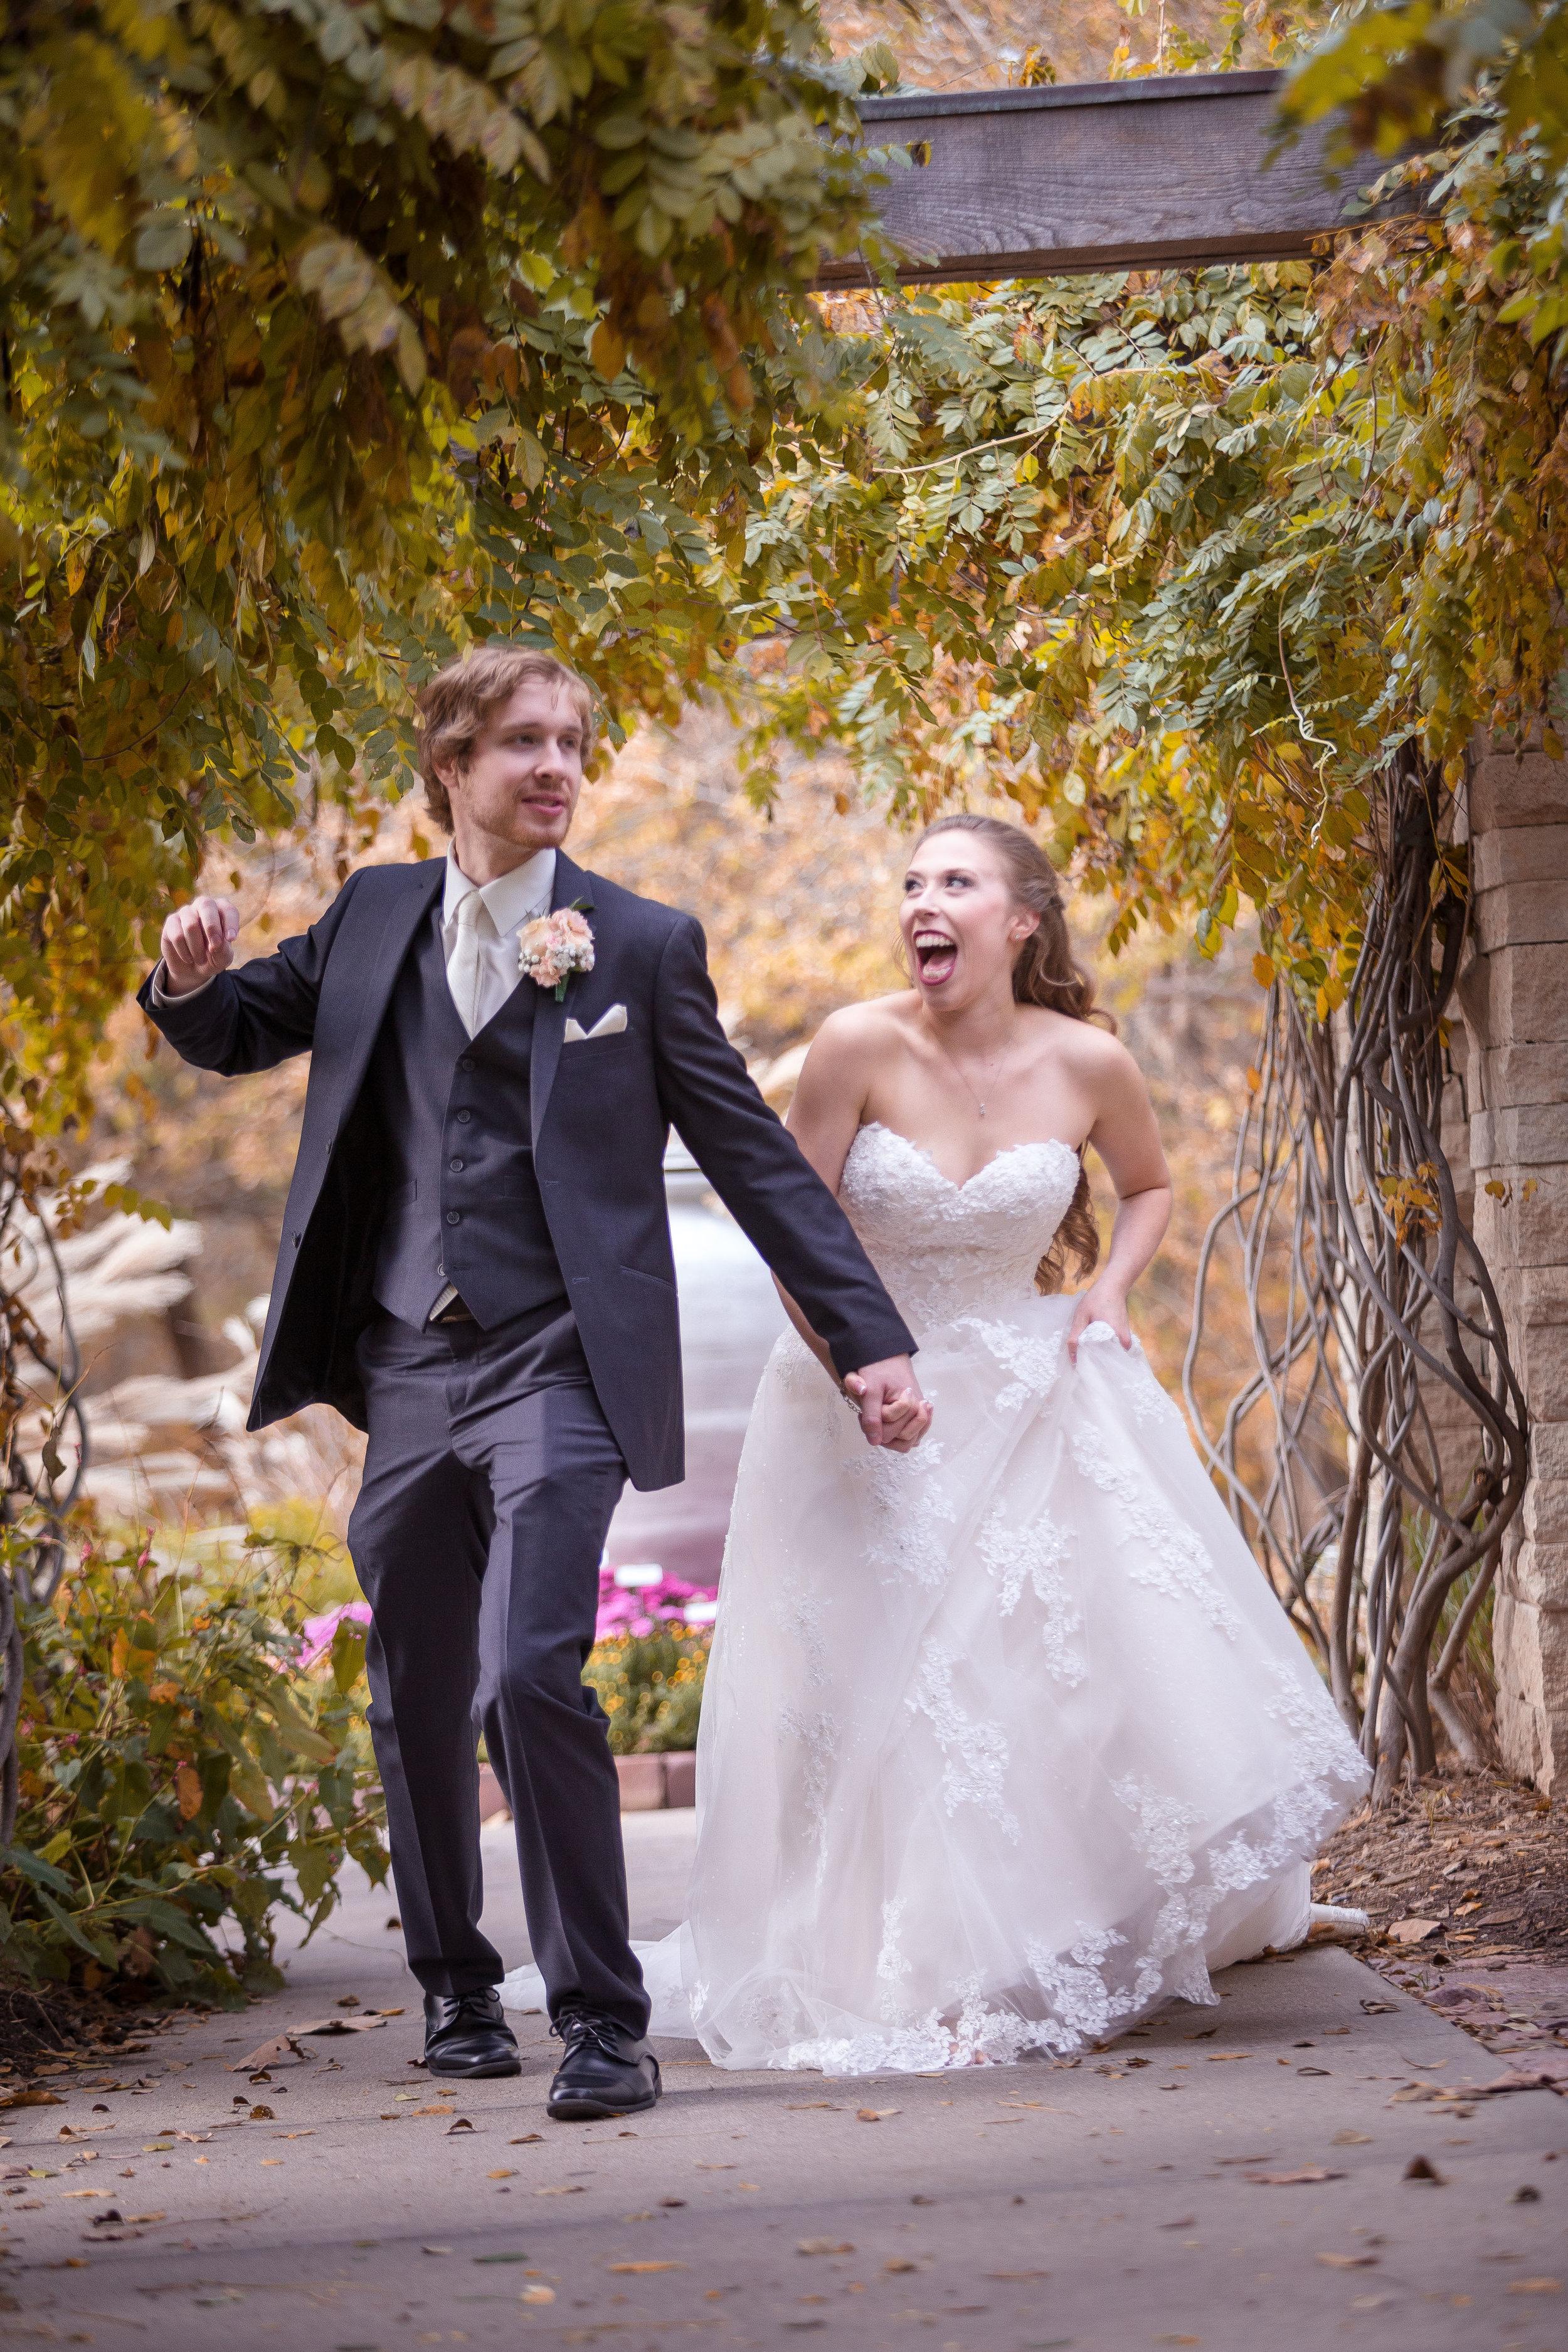 C_Wedding_Spellman, Megan & Tyler_10.27.18-826.JPG